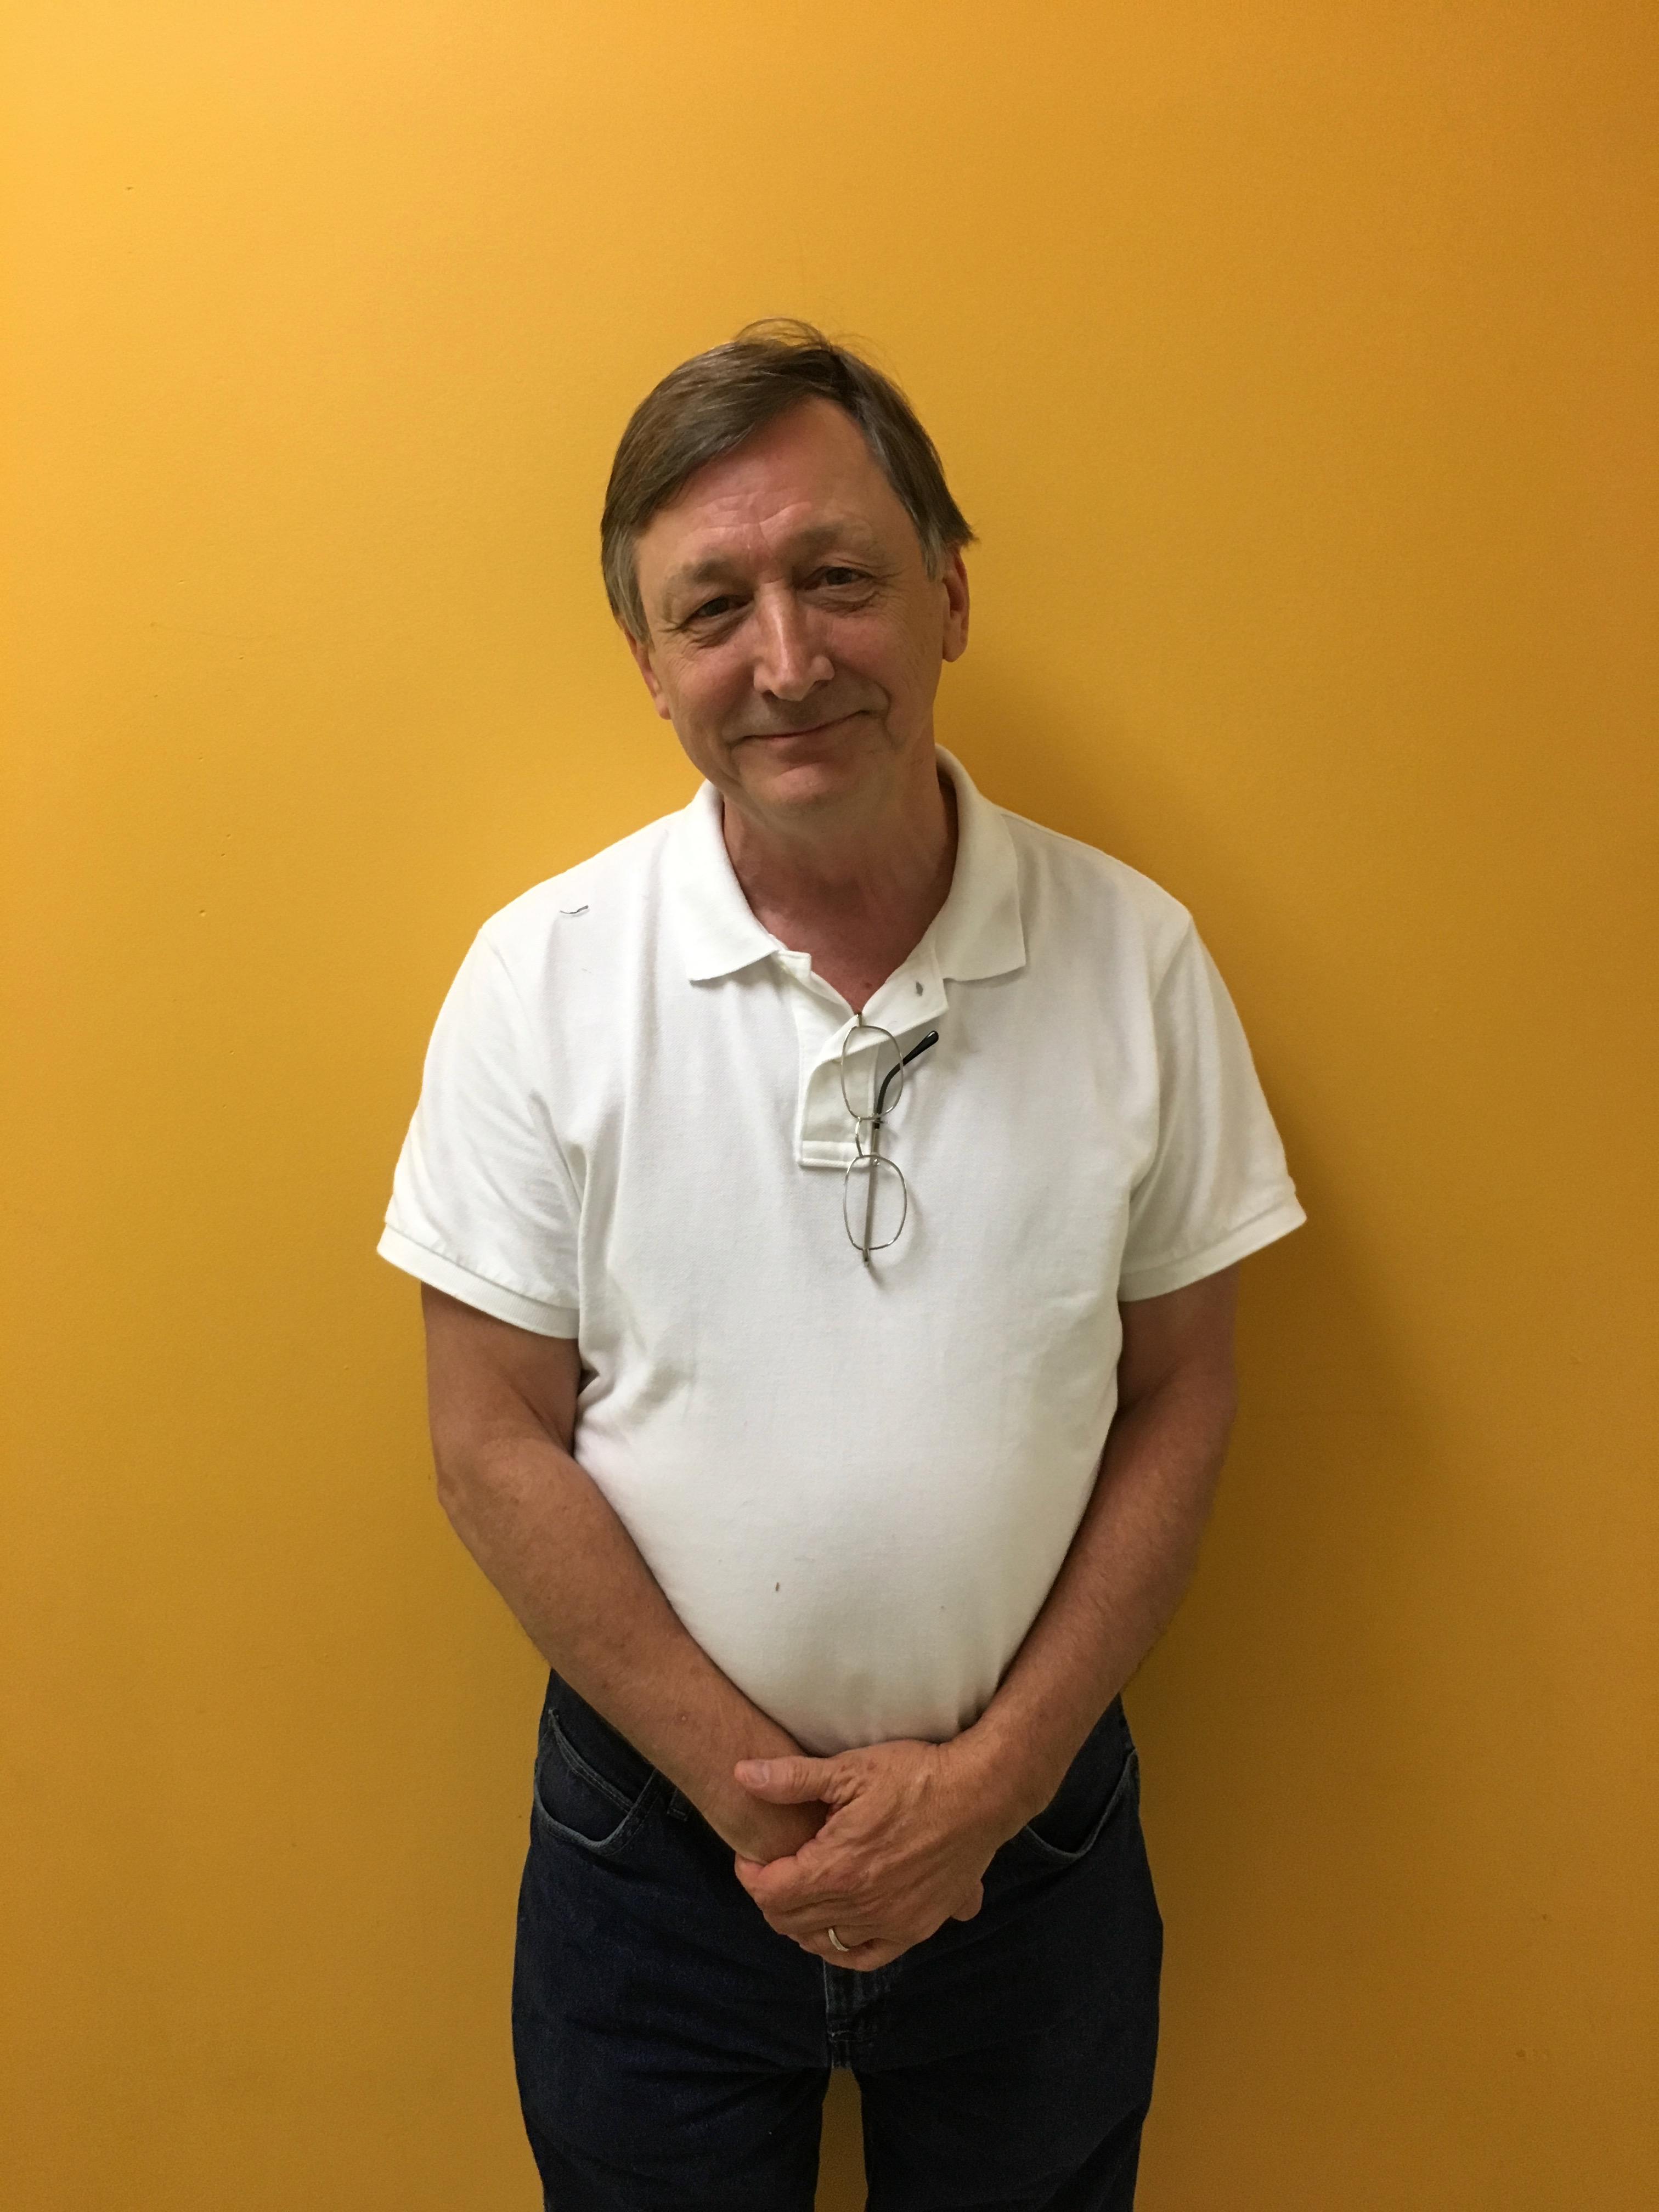 Meet the Staff: Robert Holdford